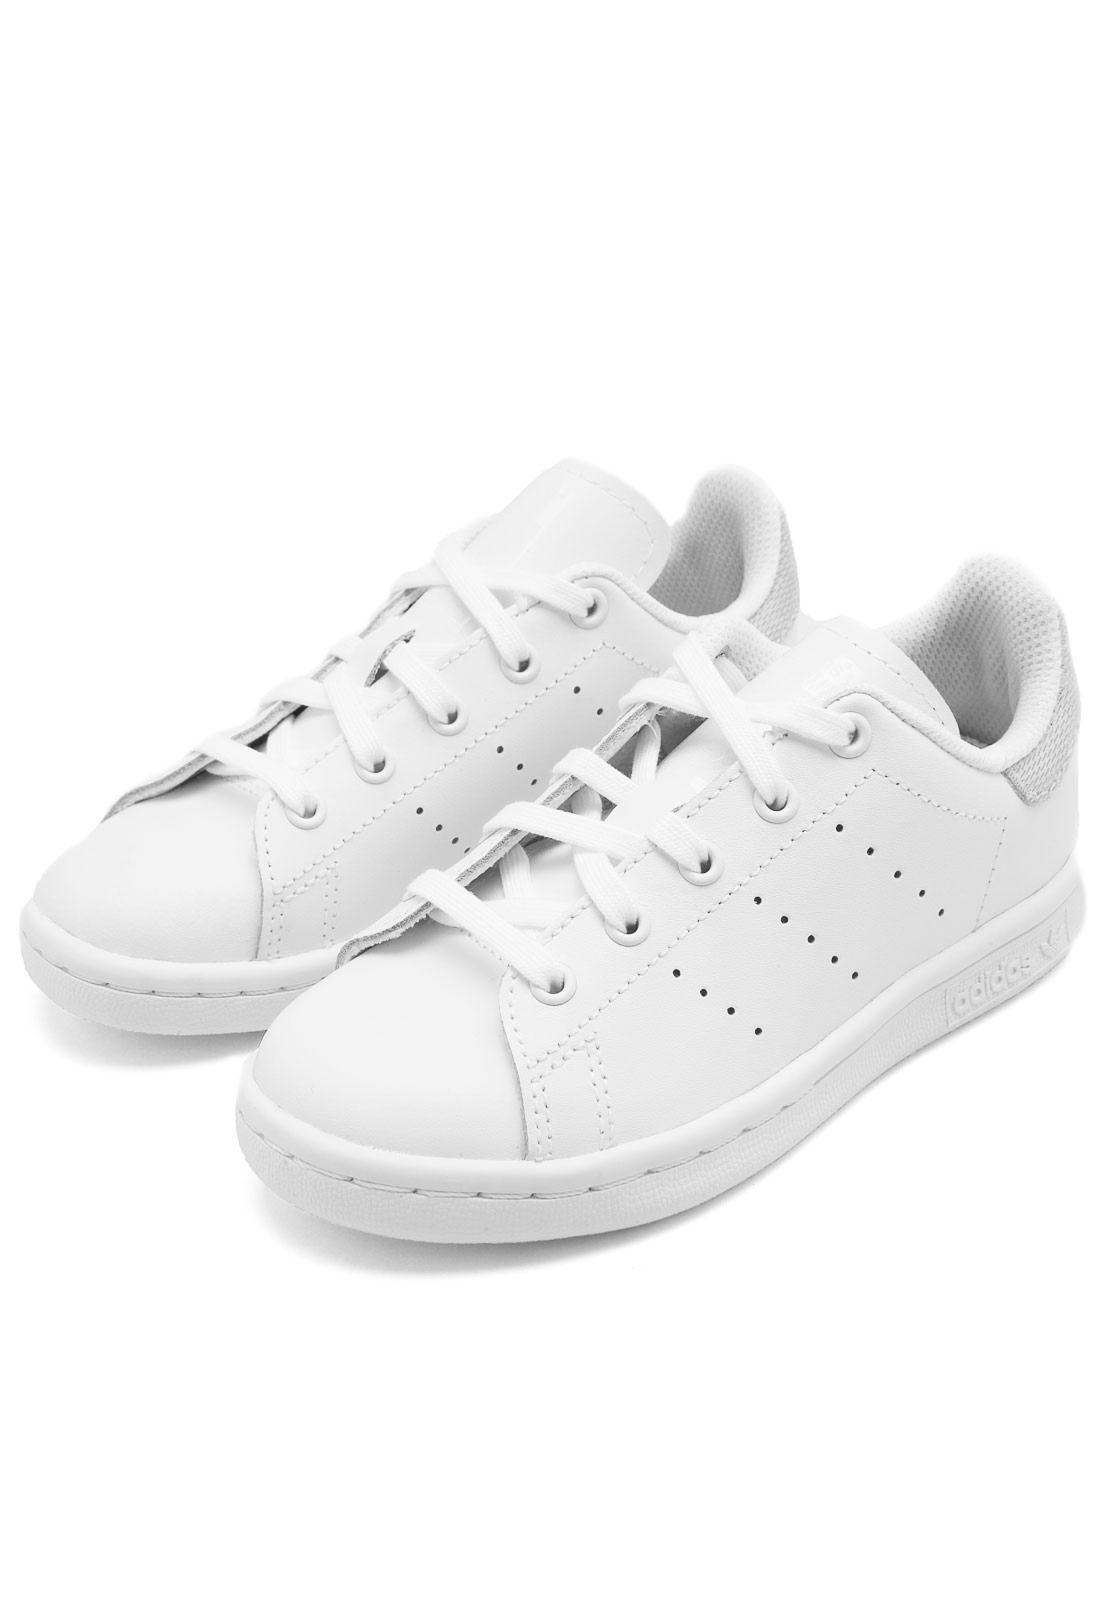 Tênis adidas Menina Stan Smith C Branco Tenis adidas